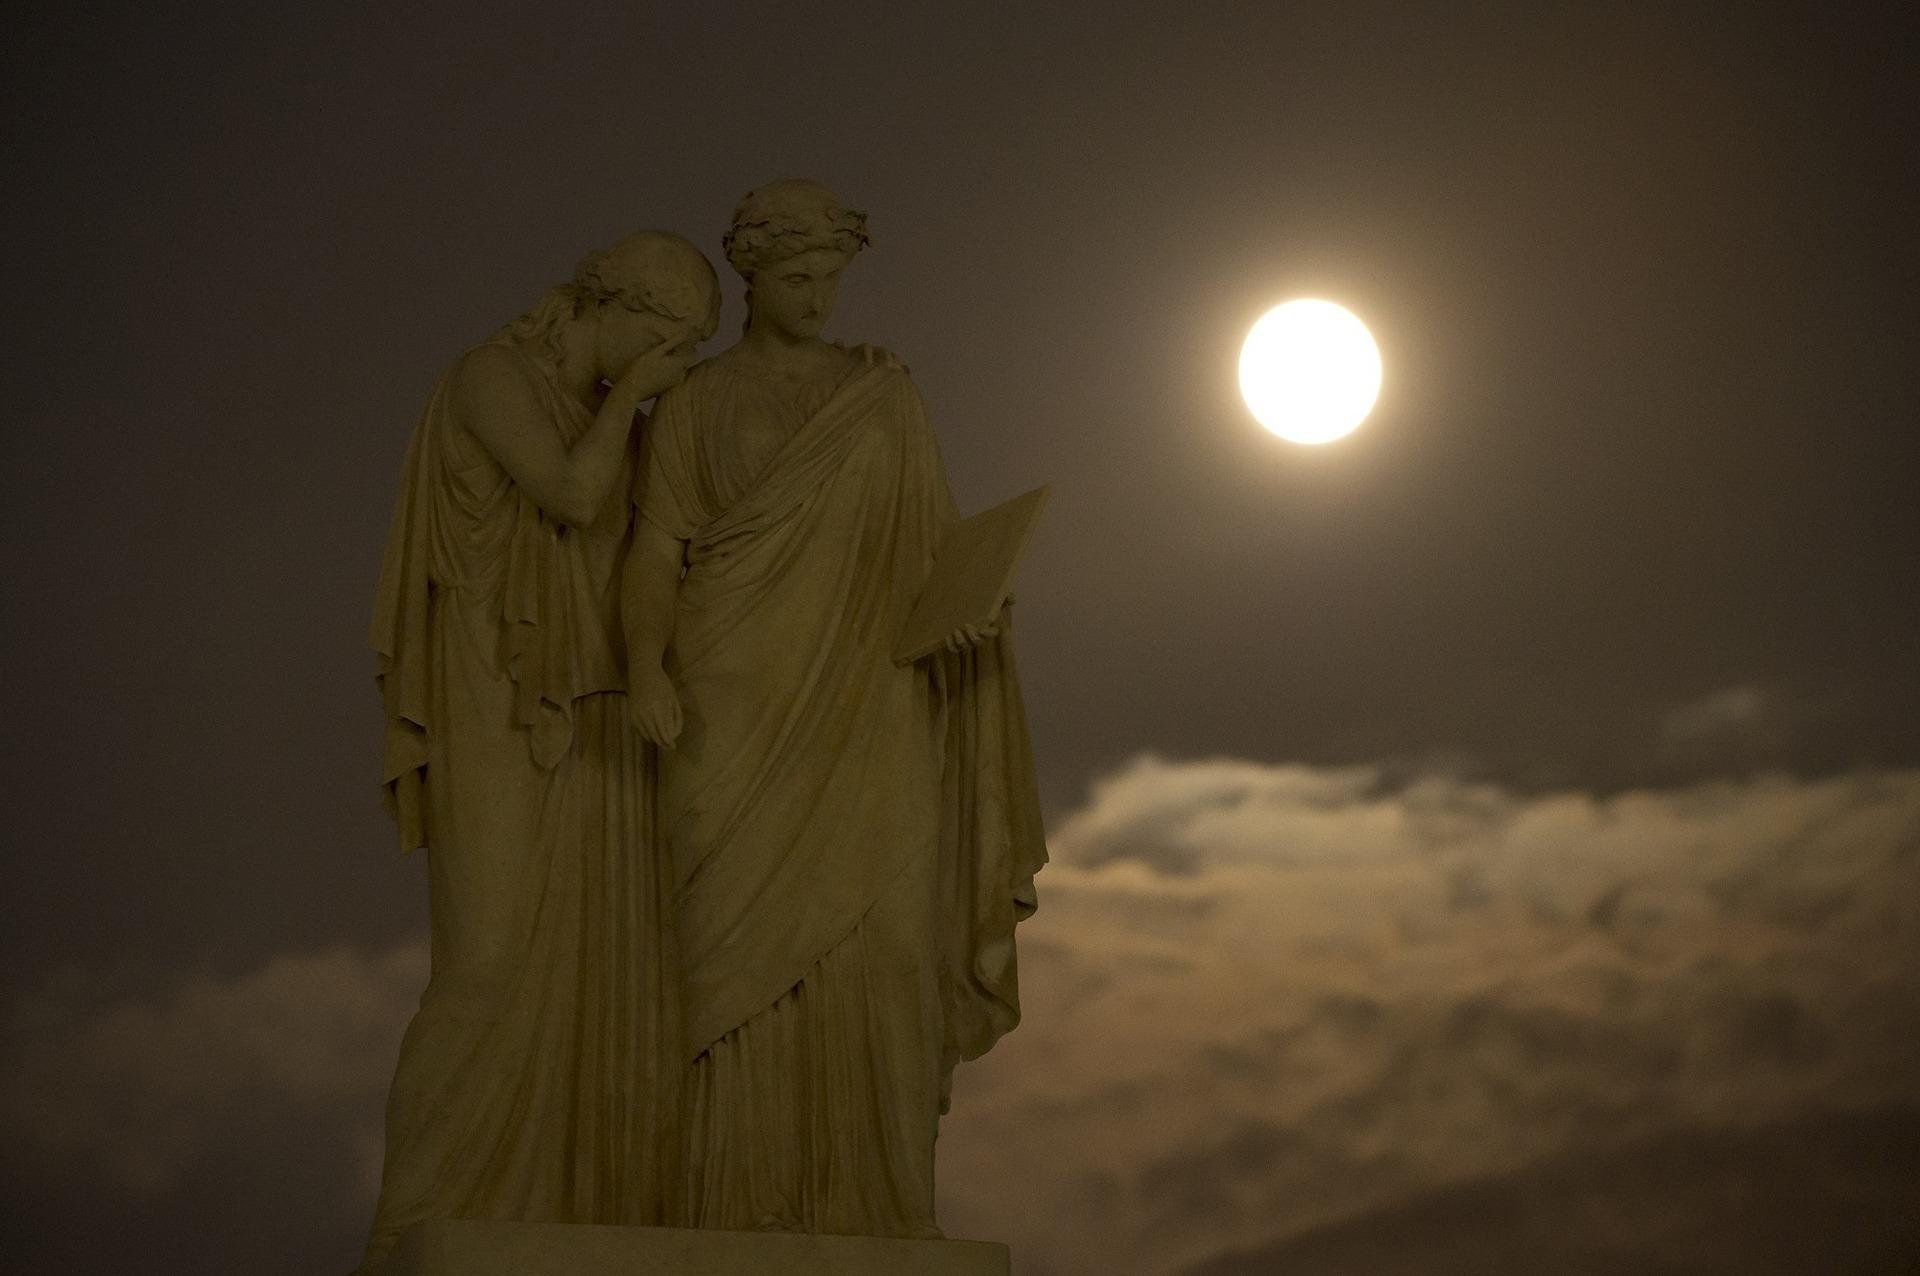 Mondphasen und Wohnungen auf mond-blog.de